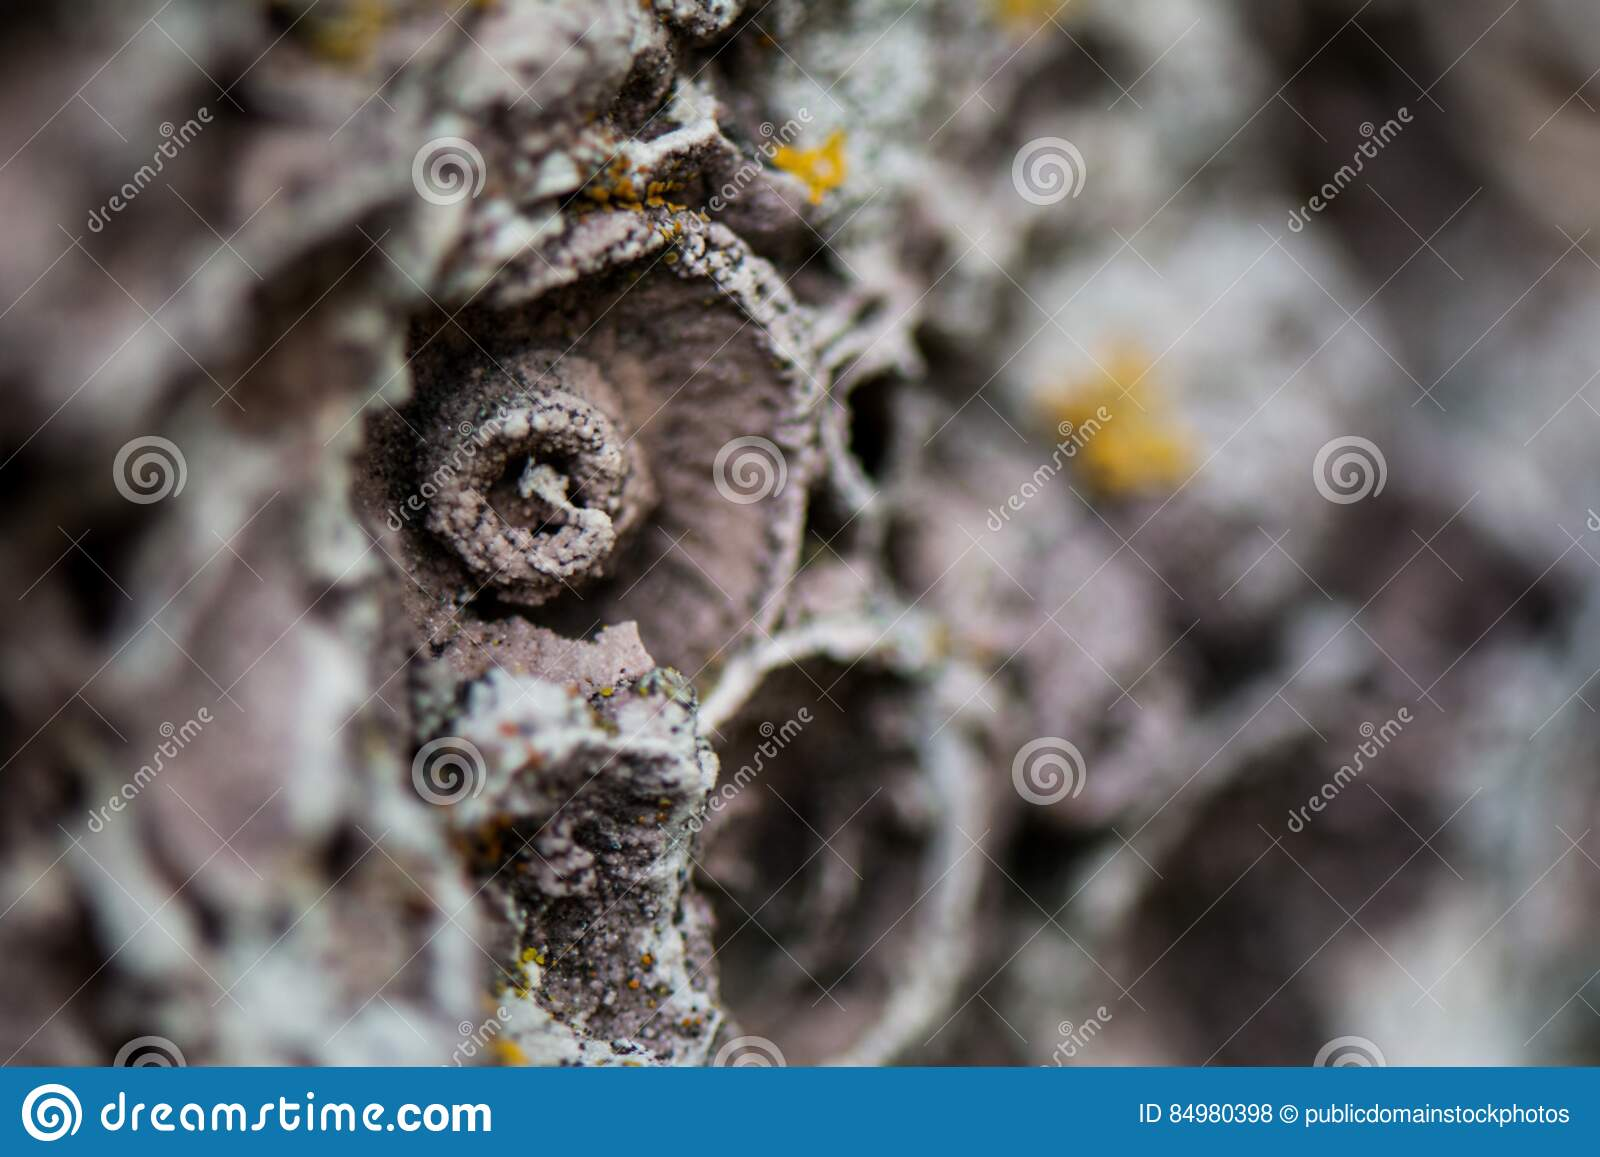 Download Muschelkalk macro stock photo. Image of rough, textured - 84980398